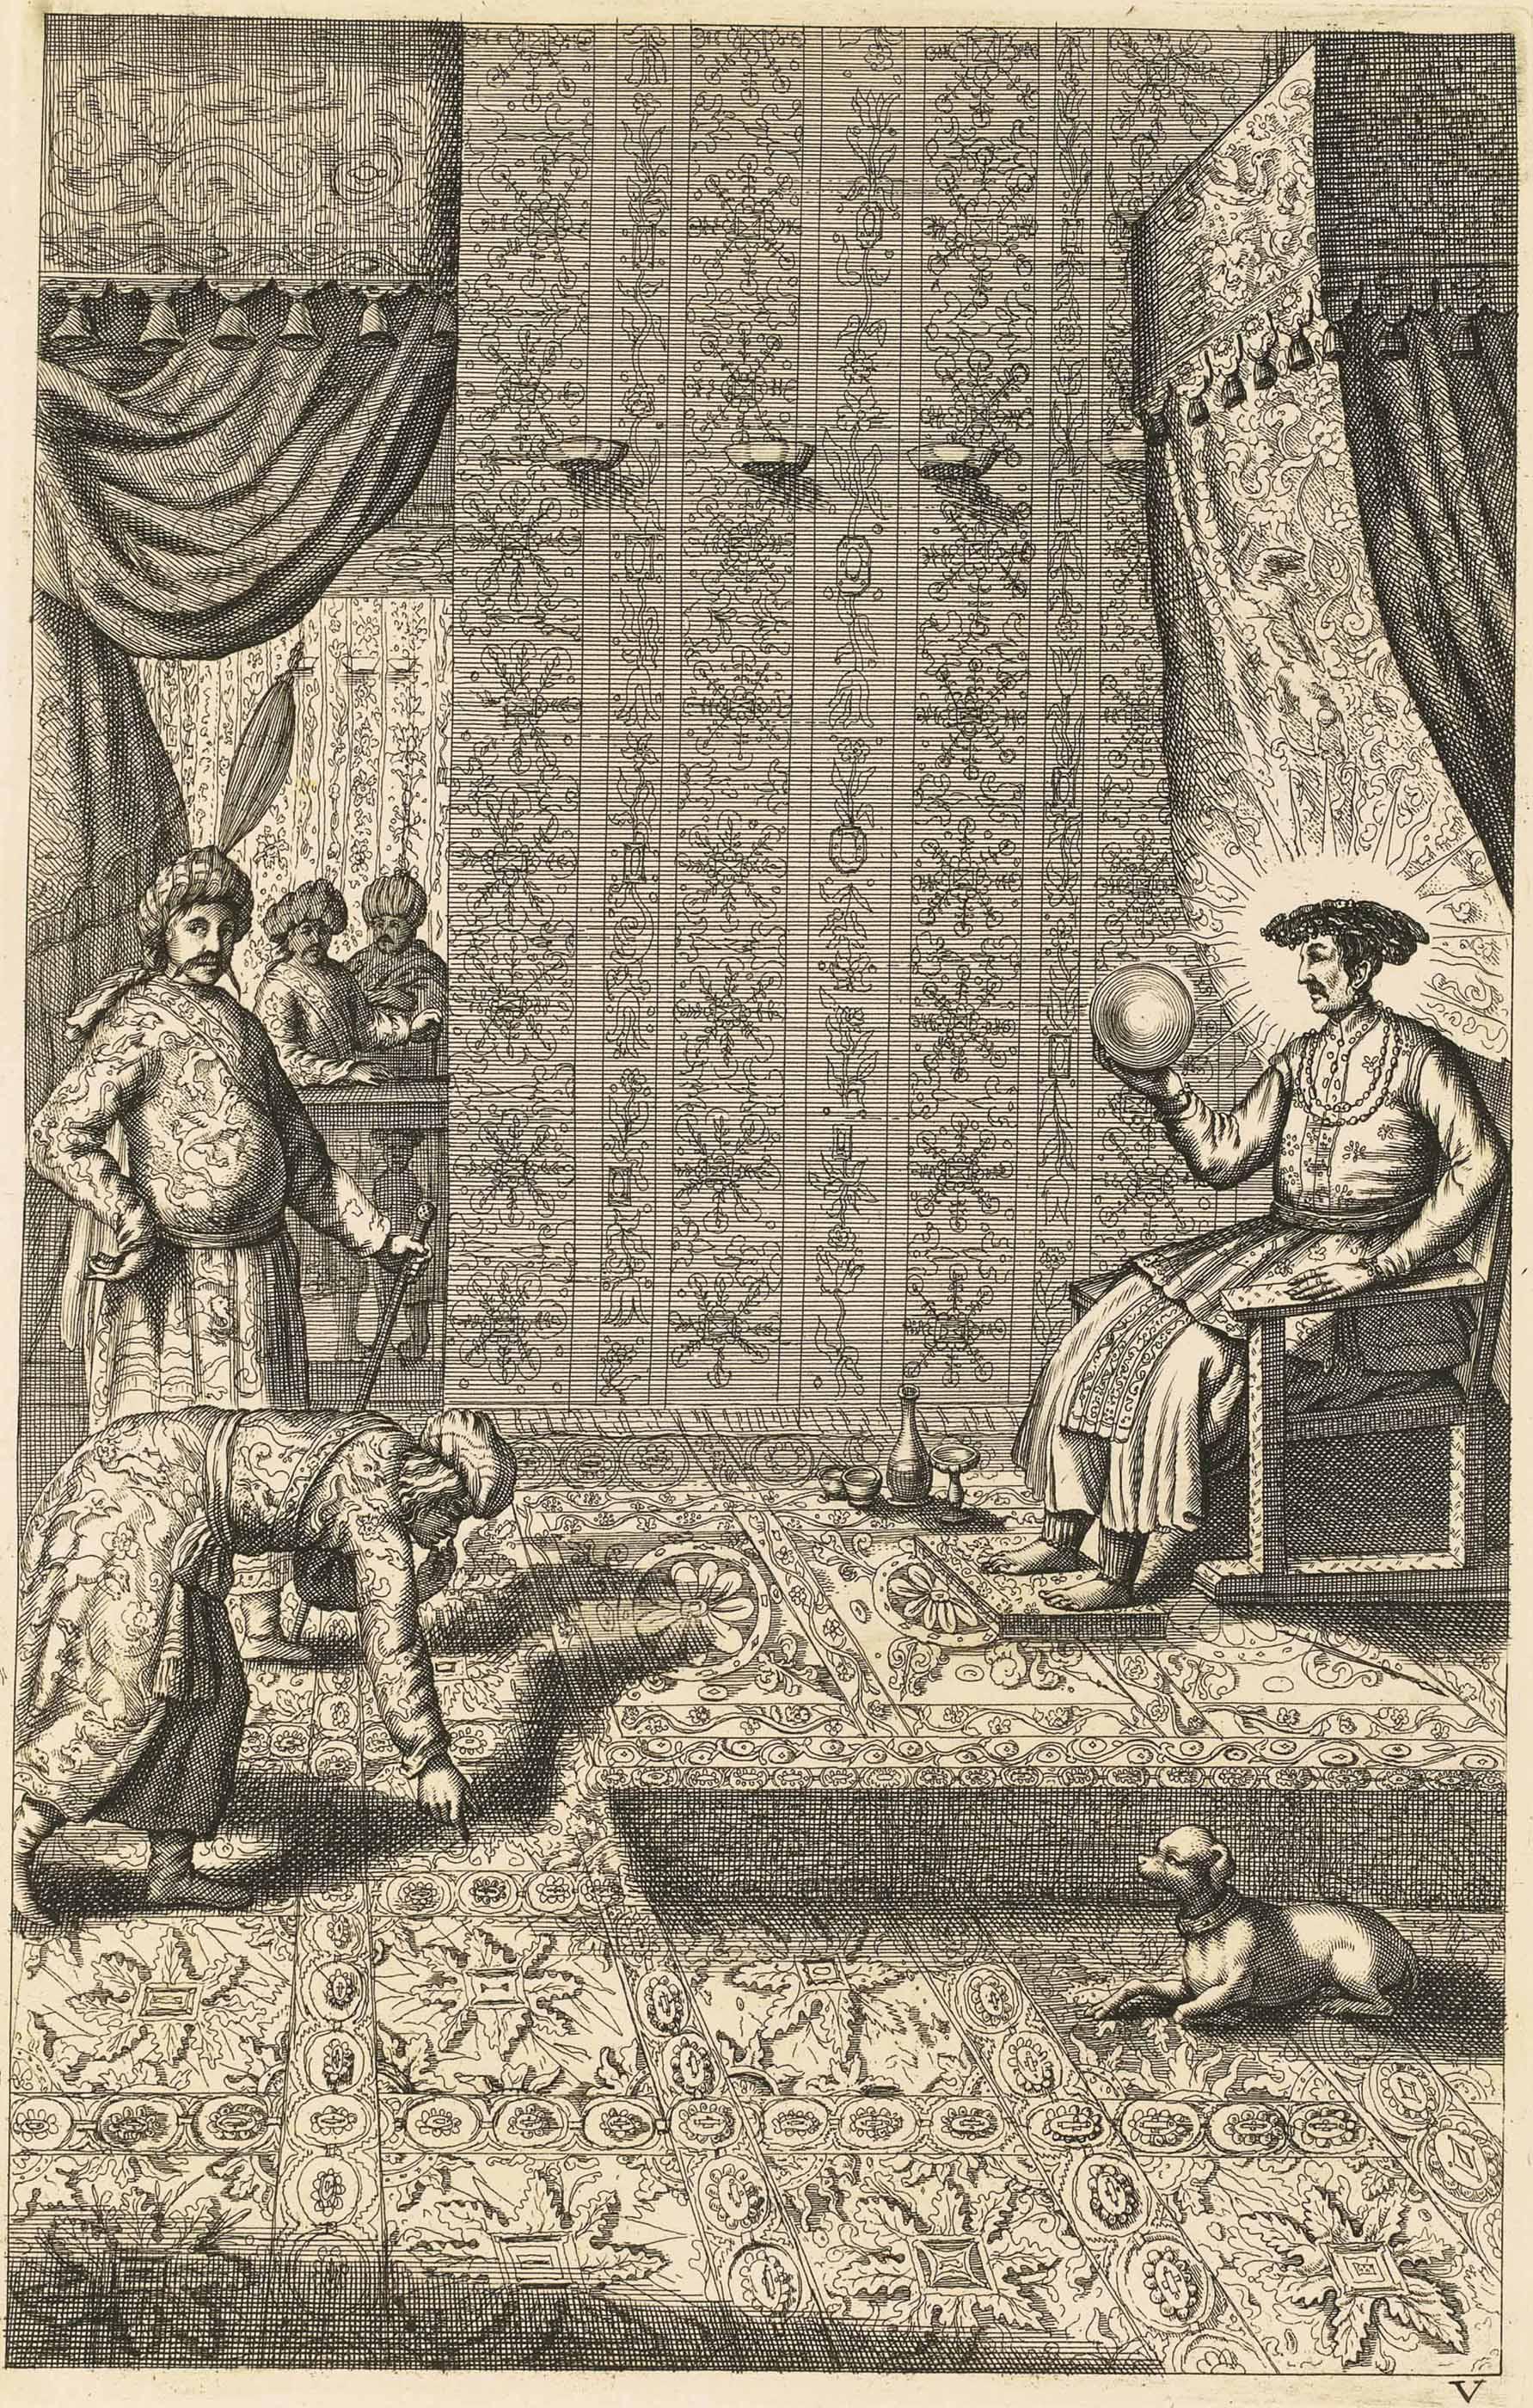 Athanase KIRCHER (1602-1680). China monumentis, qua Sacris qua Profanis, nec non variis naturæ & artis spectaculis, aliarumque rerum memorabilium argumentis illustrata. Amsterdam : Jacob van Meurs, 1667. In-folio (320 x 210 mm). Frontispice gravé, portrait de l'auteur, 25 planches hors texte, dont deux cartes, et 55 figures dans le texte, le tout gravé sur cuivre. Reliure italienne contemporaine de l'édition en vélin jaune, titre à l'encre au dos lisse, tranches mouchetées.